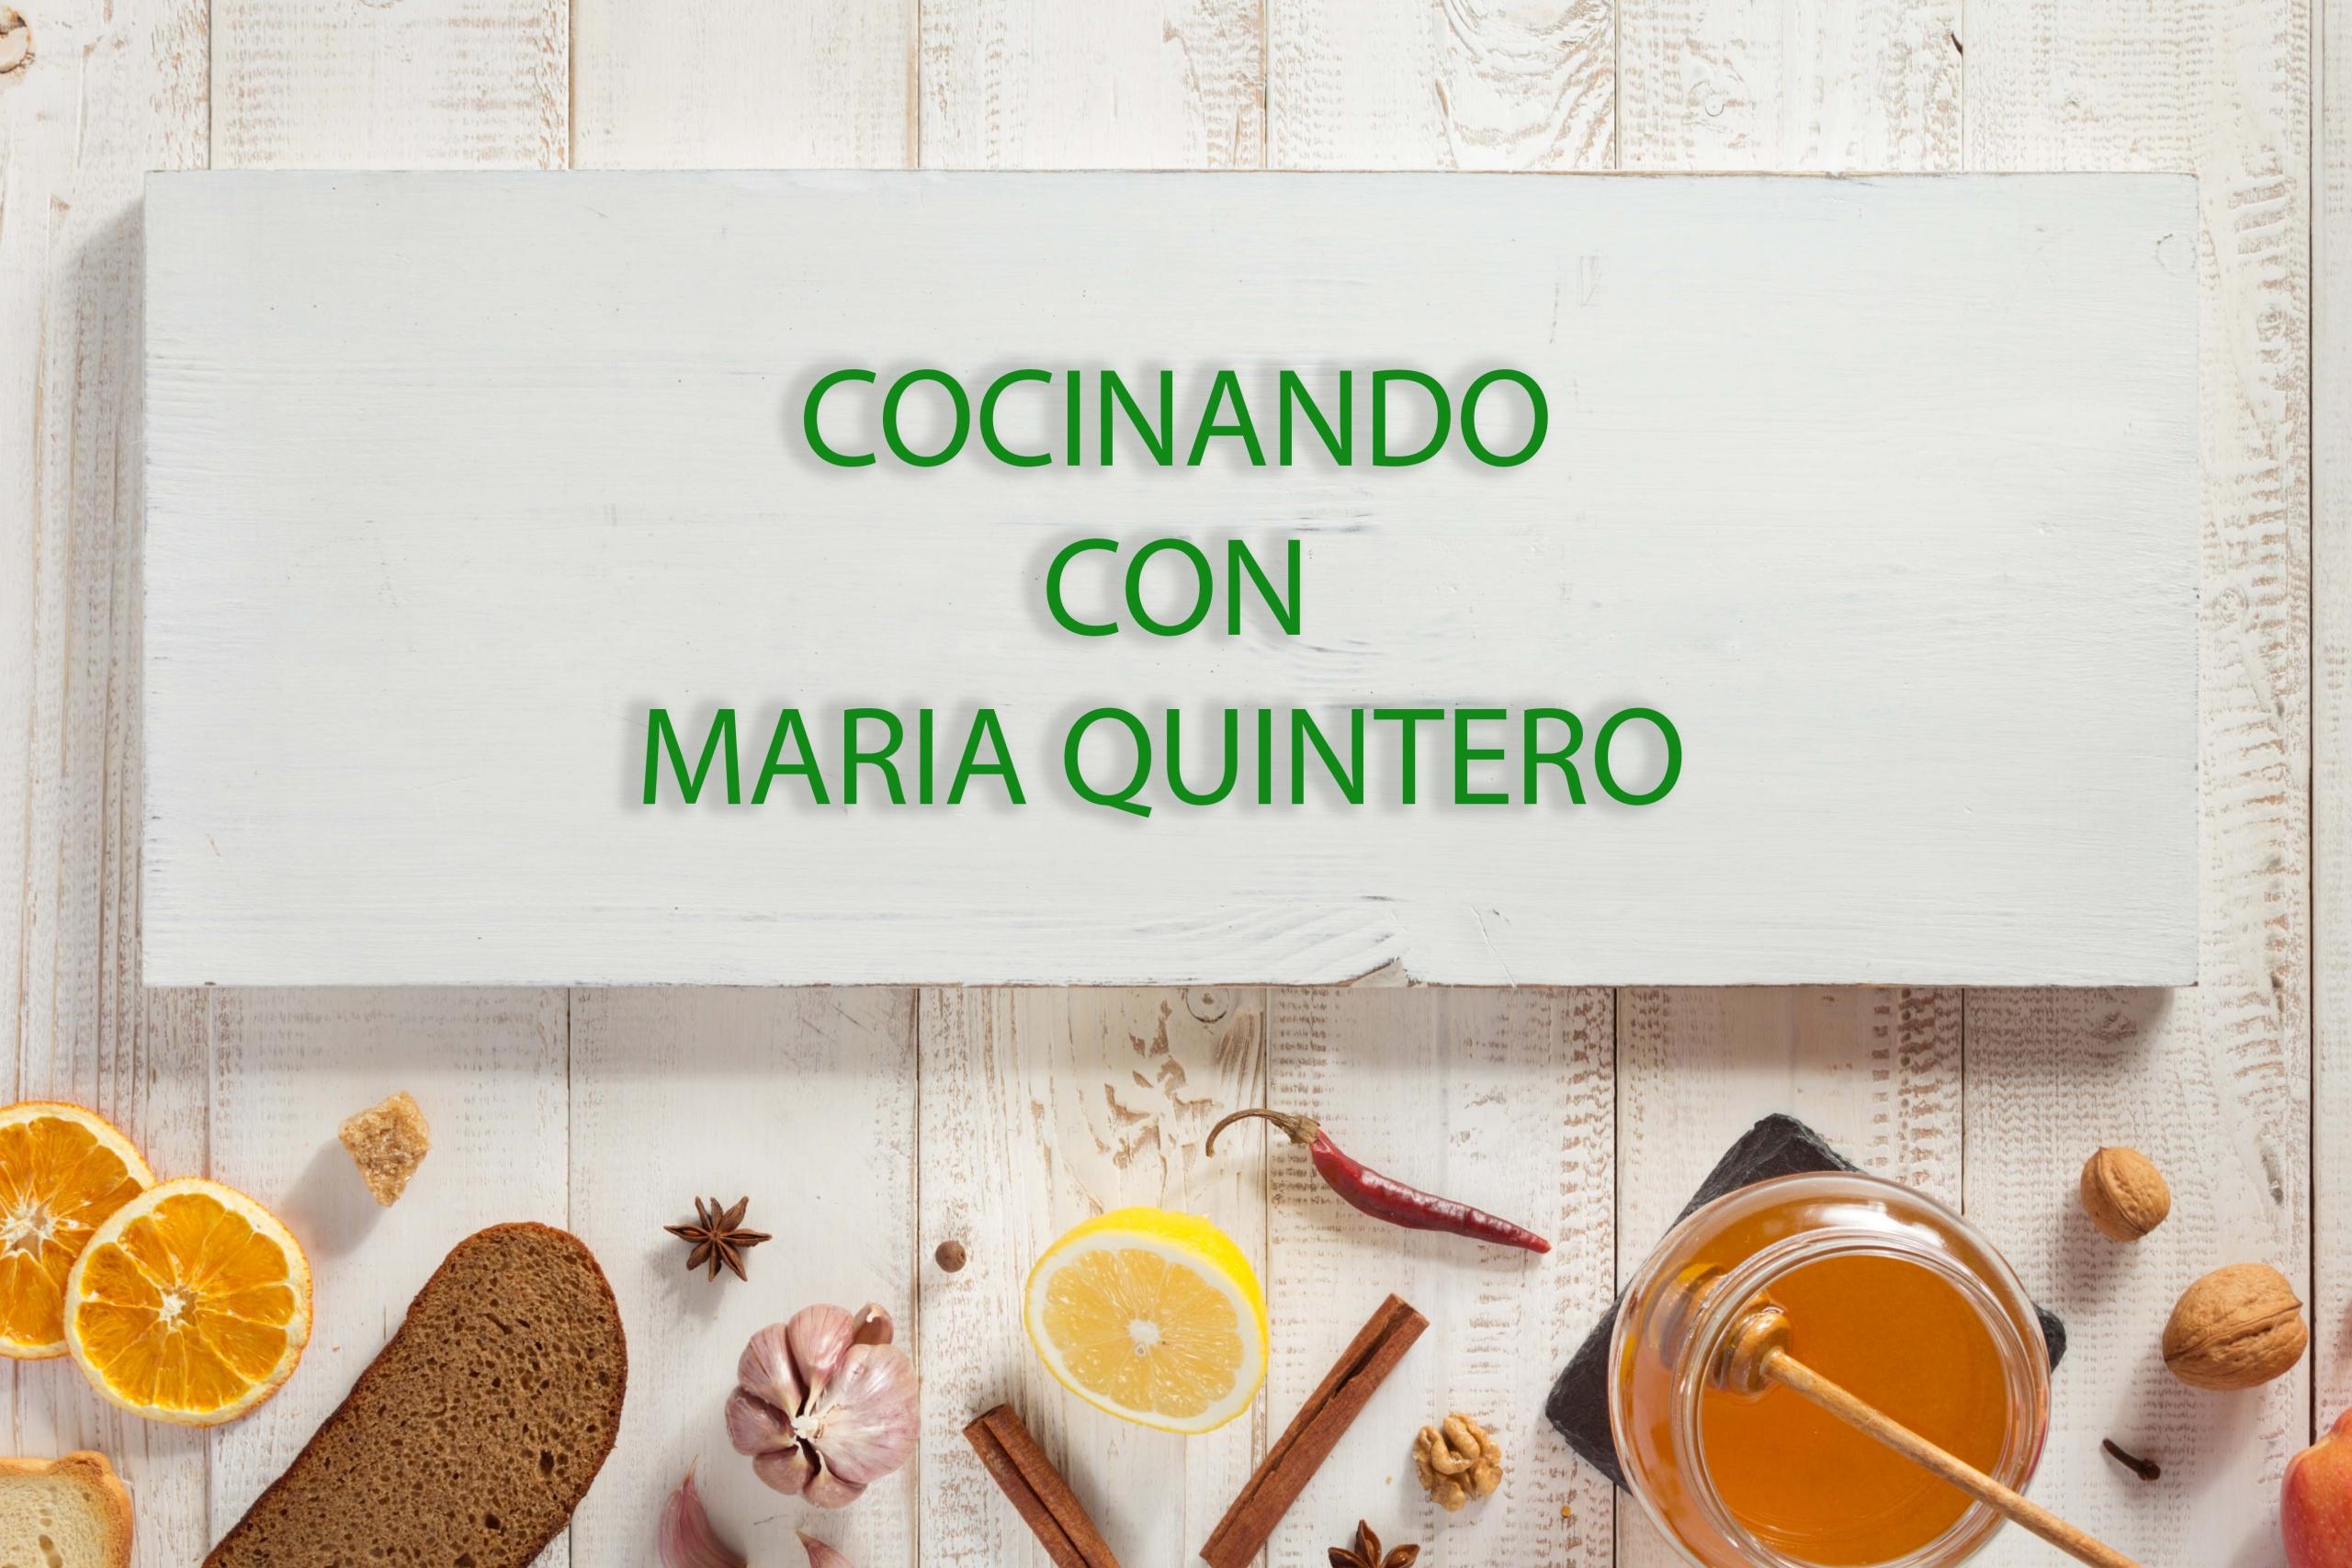 Cocinando con Maria Quintero